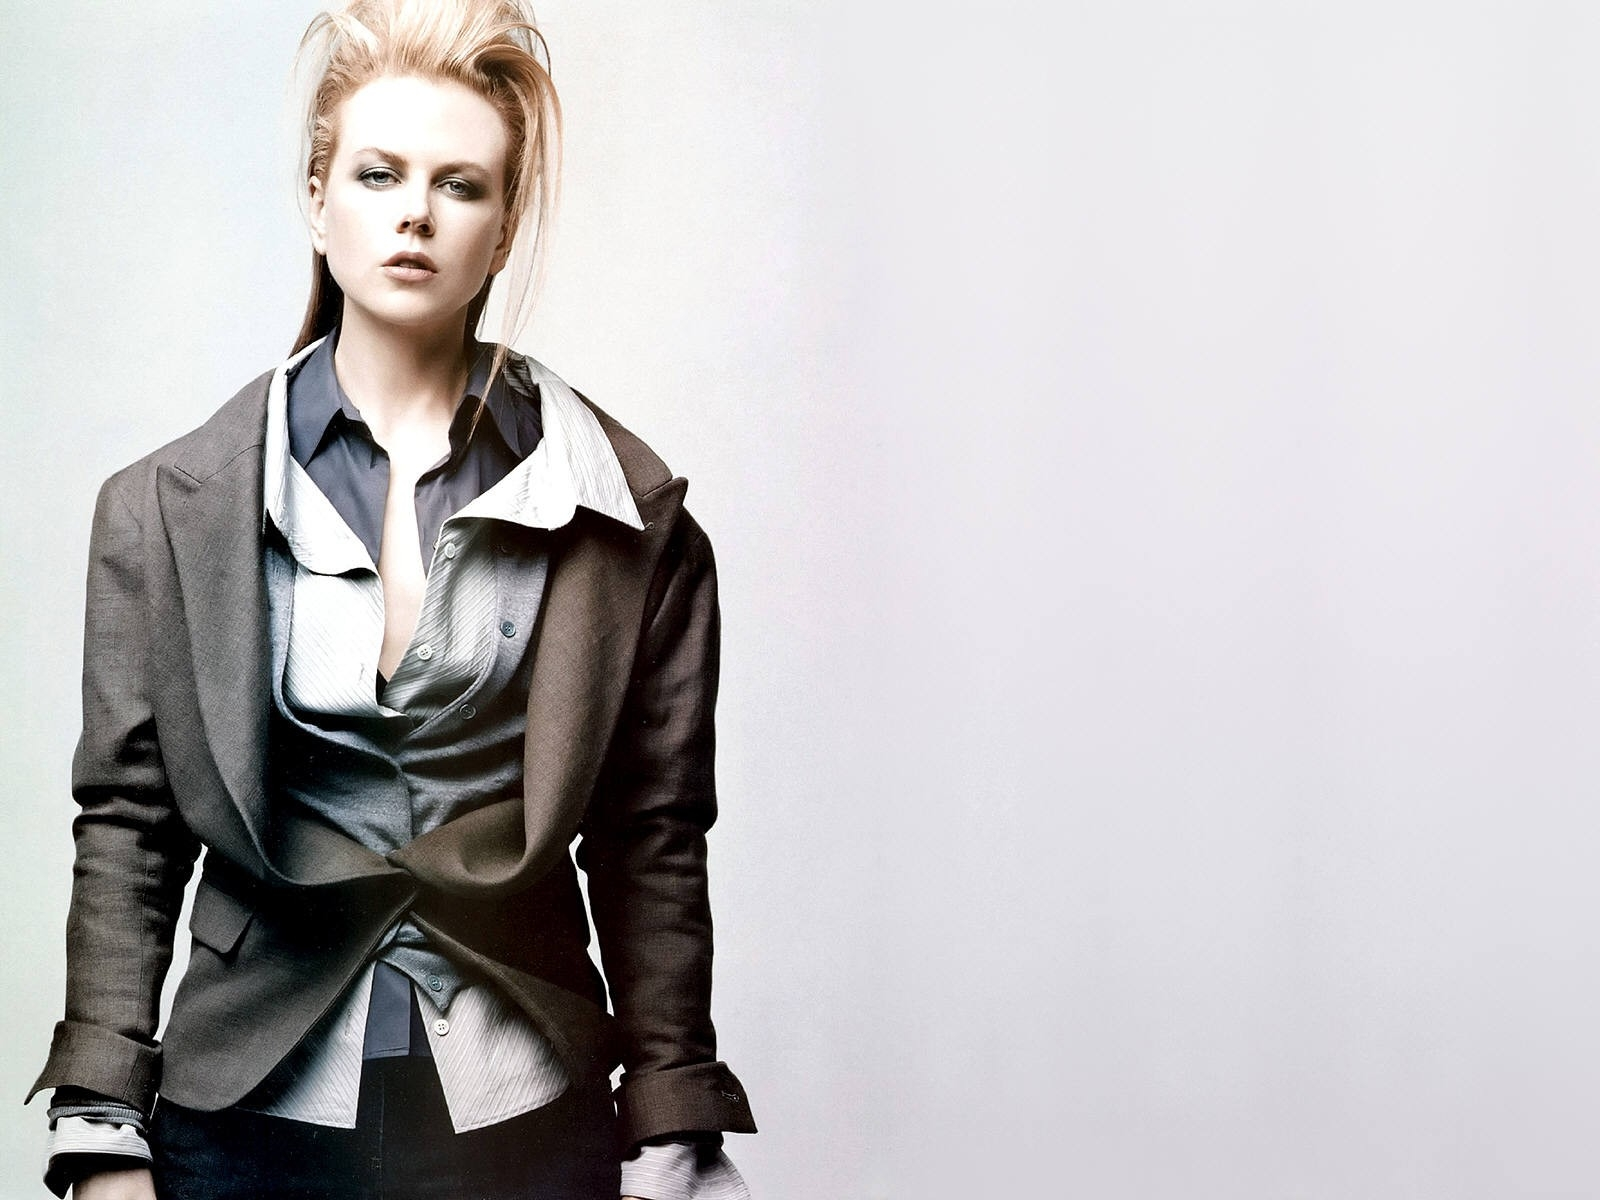 Wallpaper di Nicole Kidman in versione androgino-fashion per Vogue